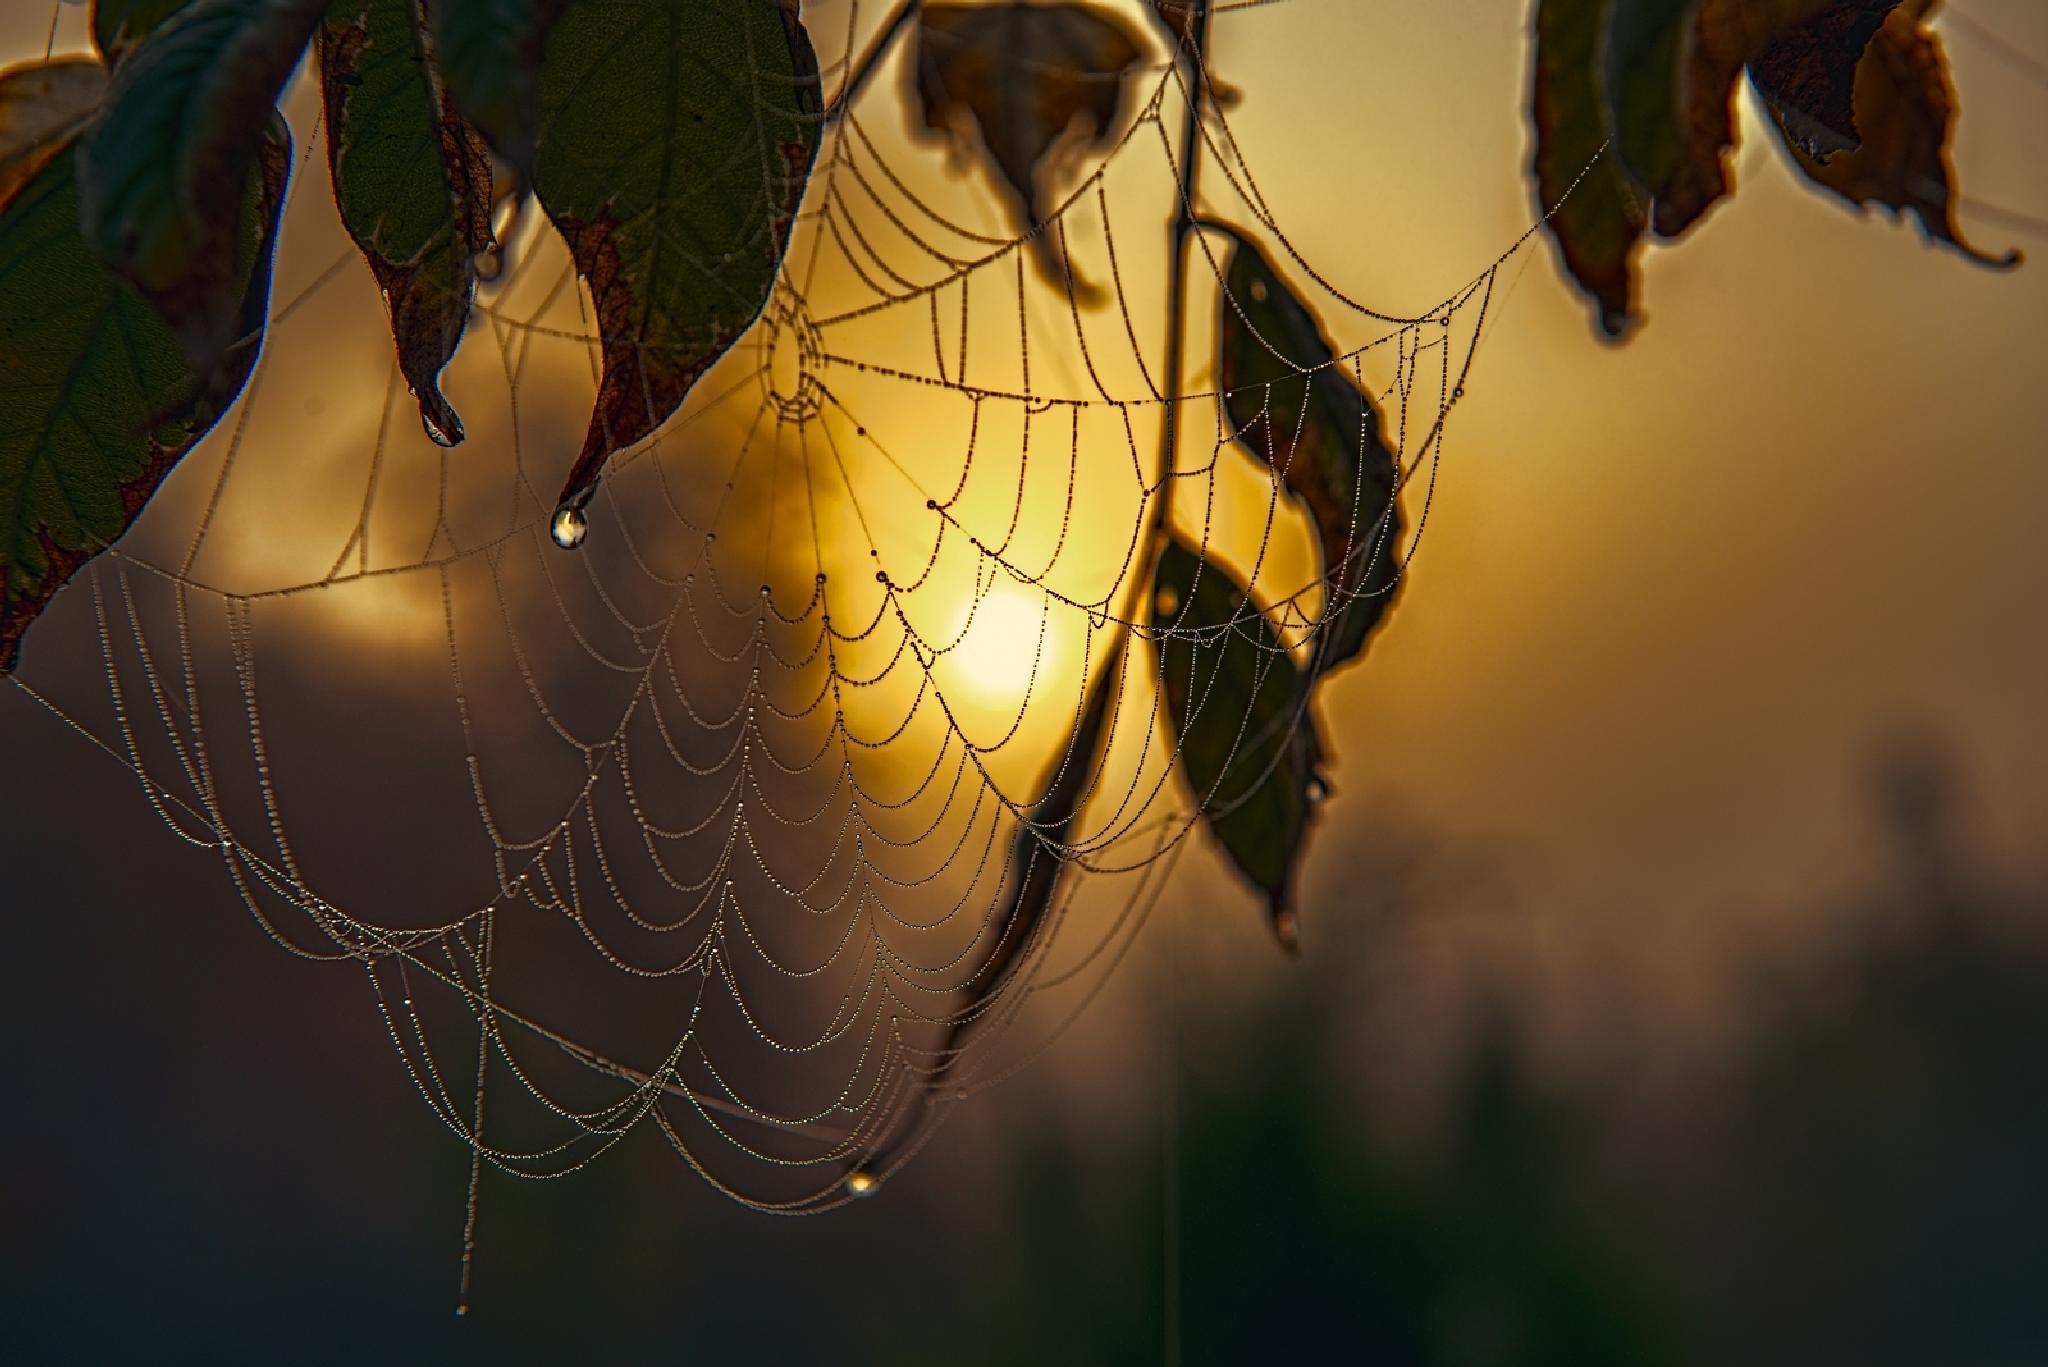 Foggy morning. by Waldemar Sadlowski